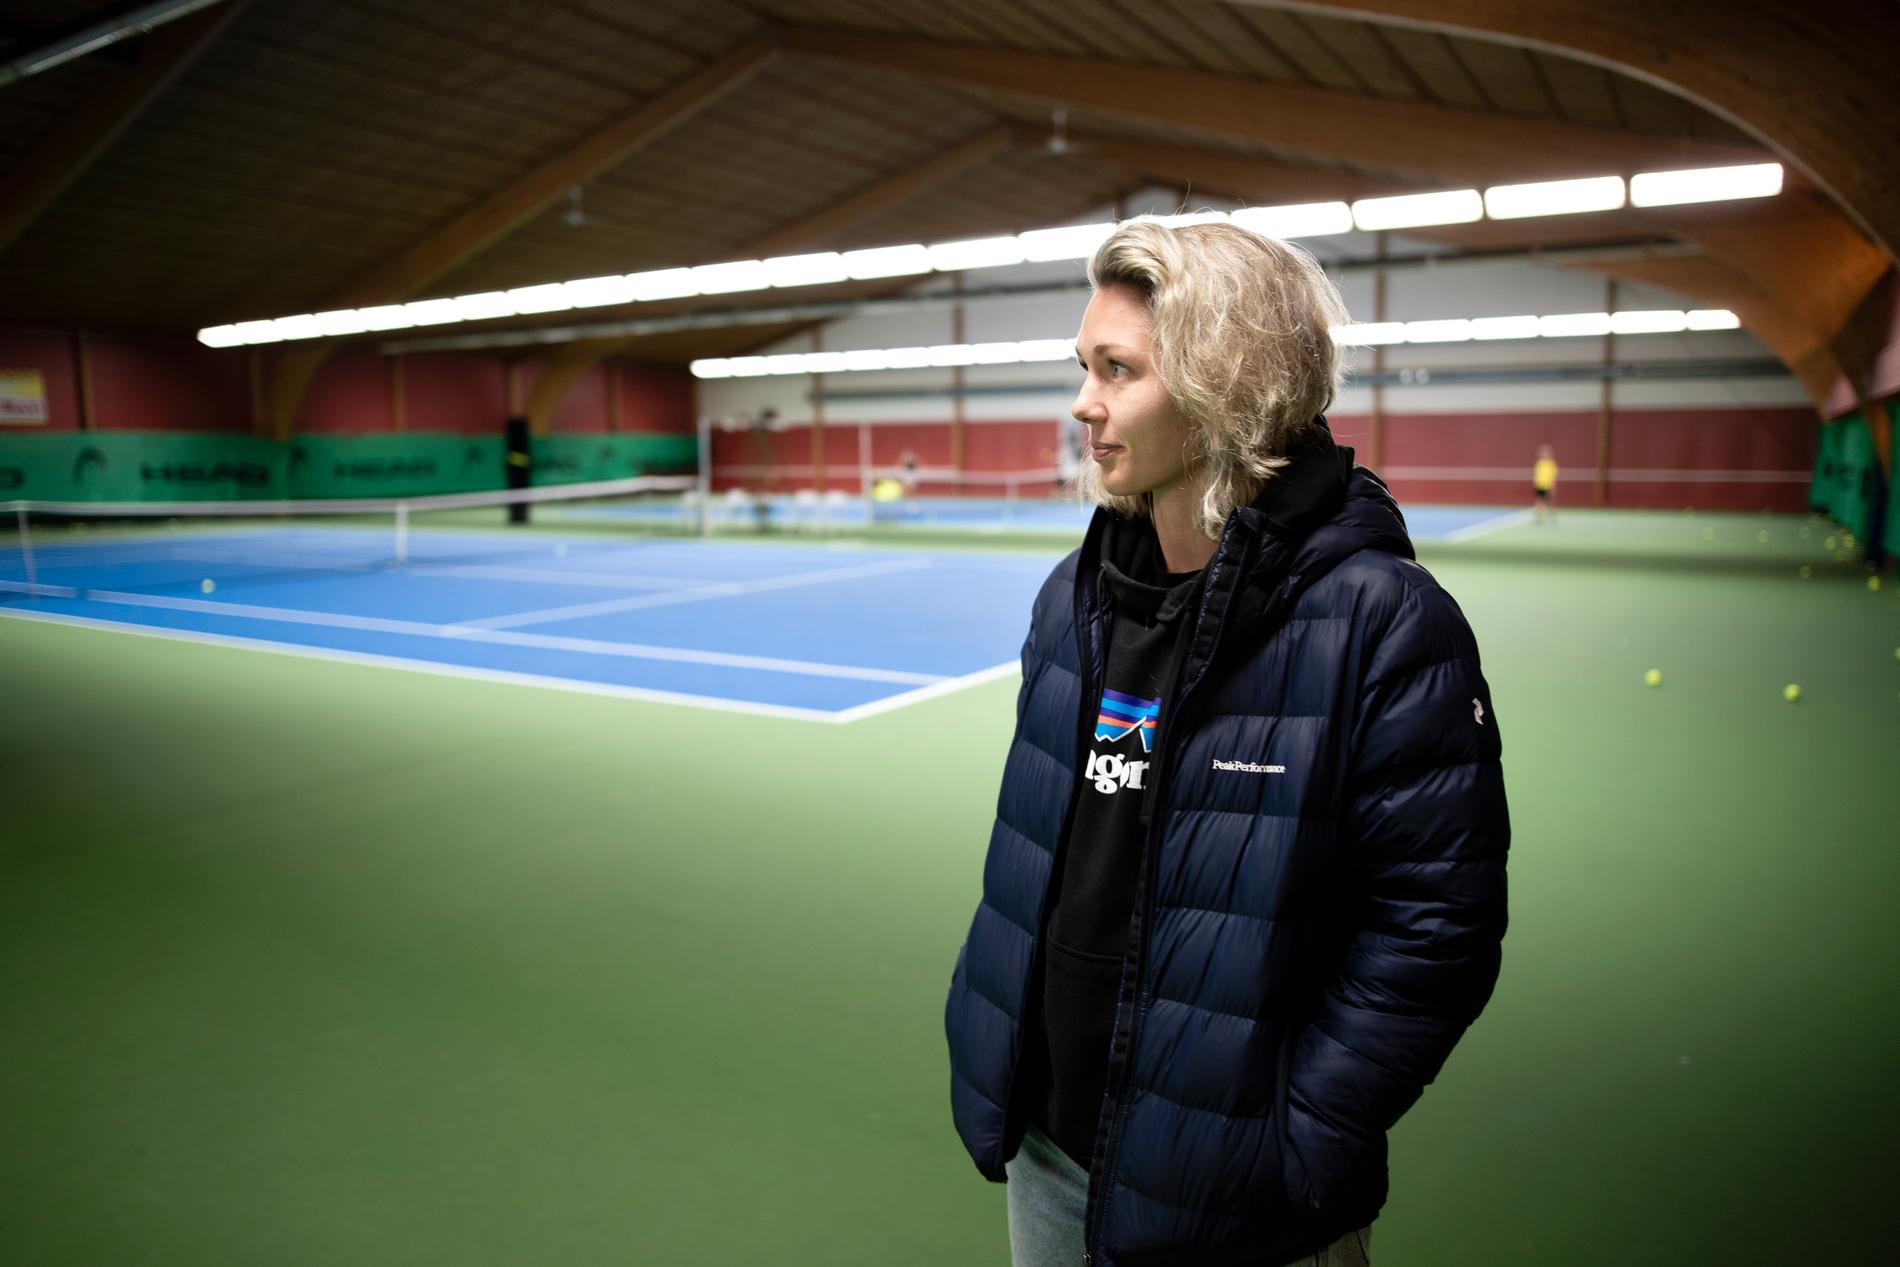 Torslanda Tennisklubb var hemmabana för Jennifer Falk i unga år.